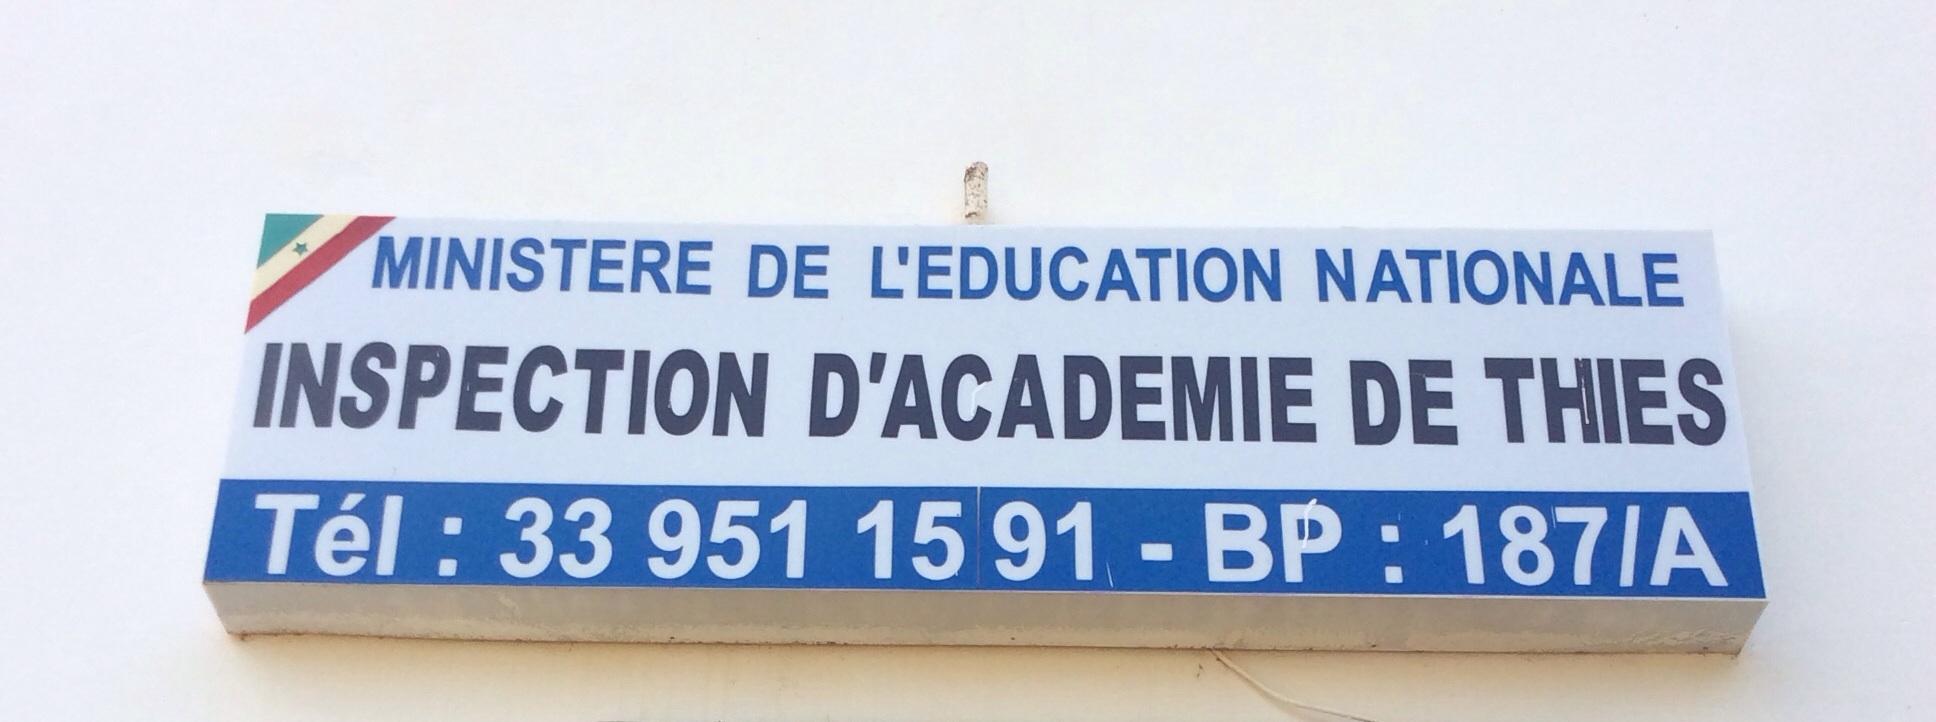 Inspection d'Académie de Thies